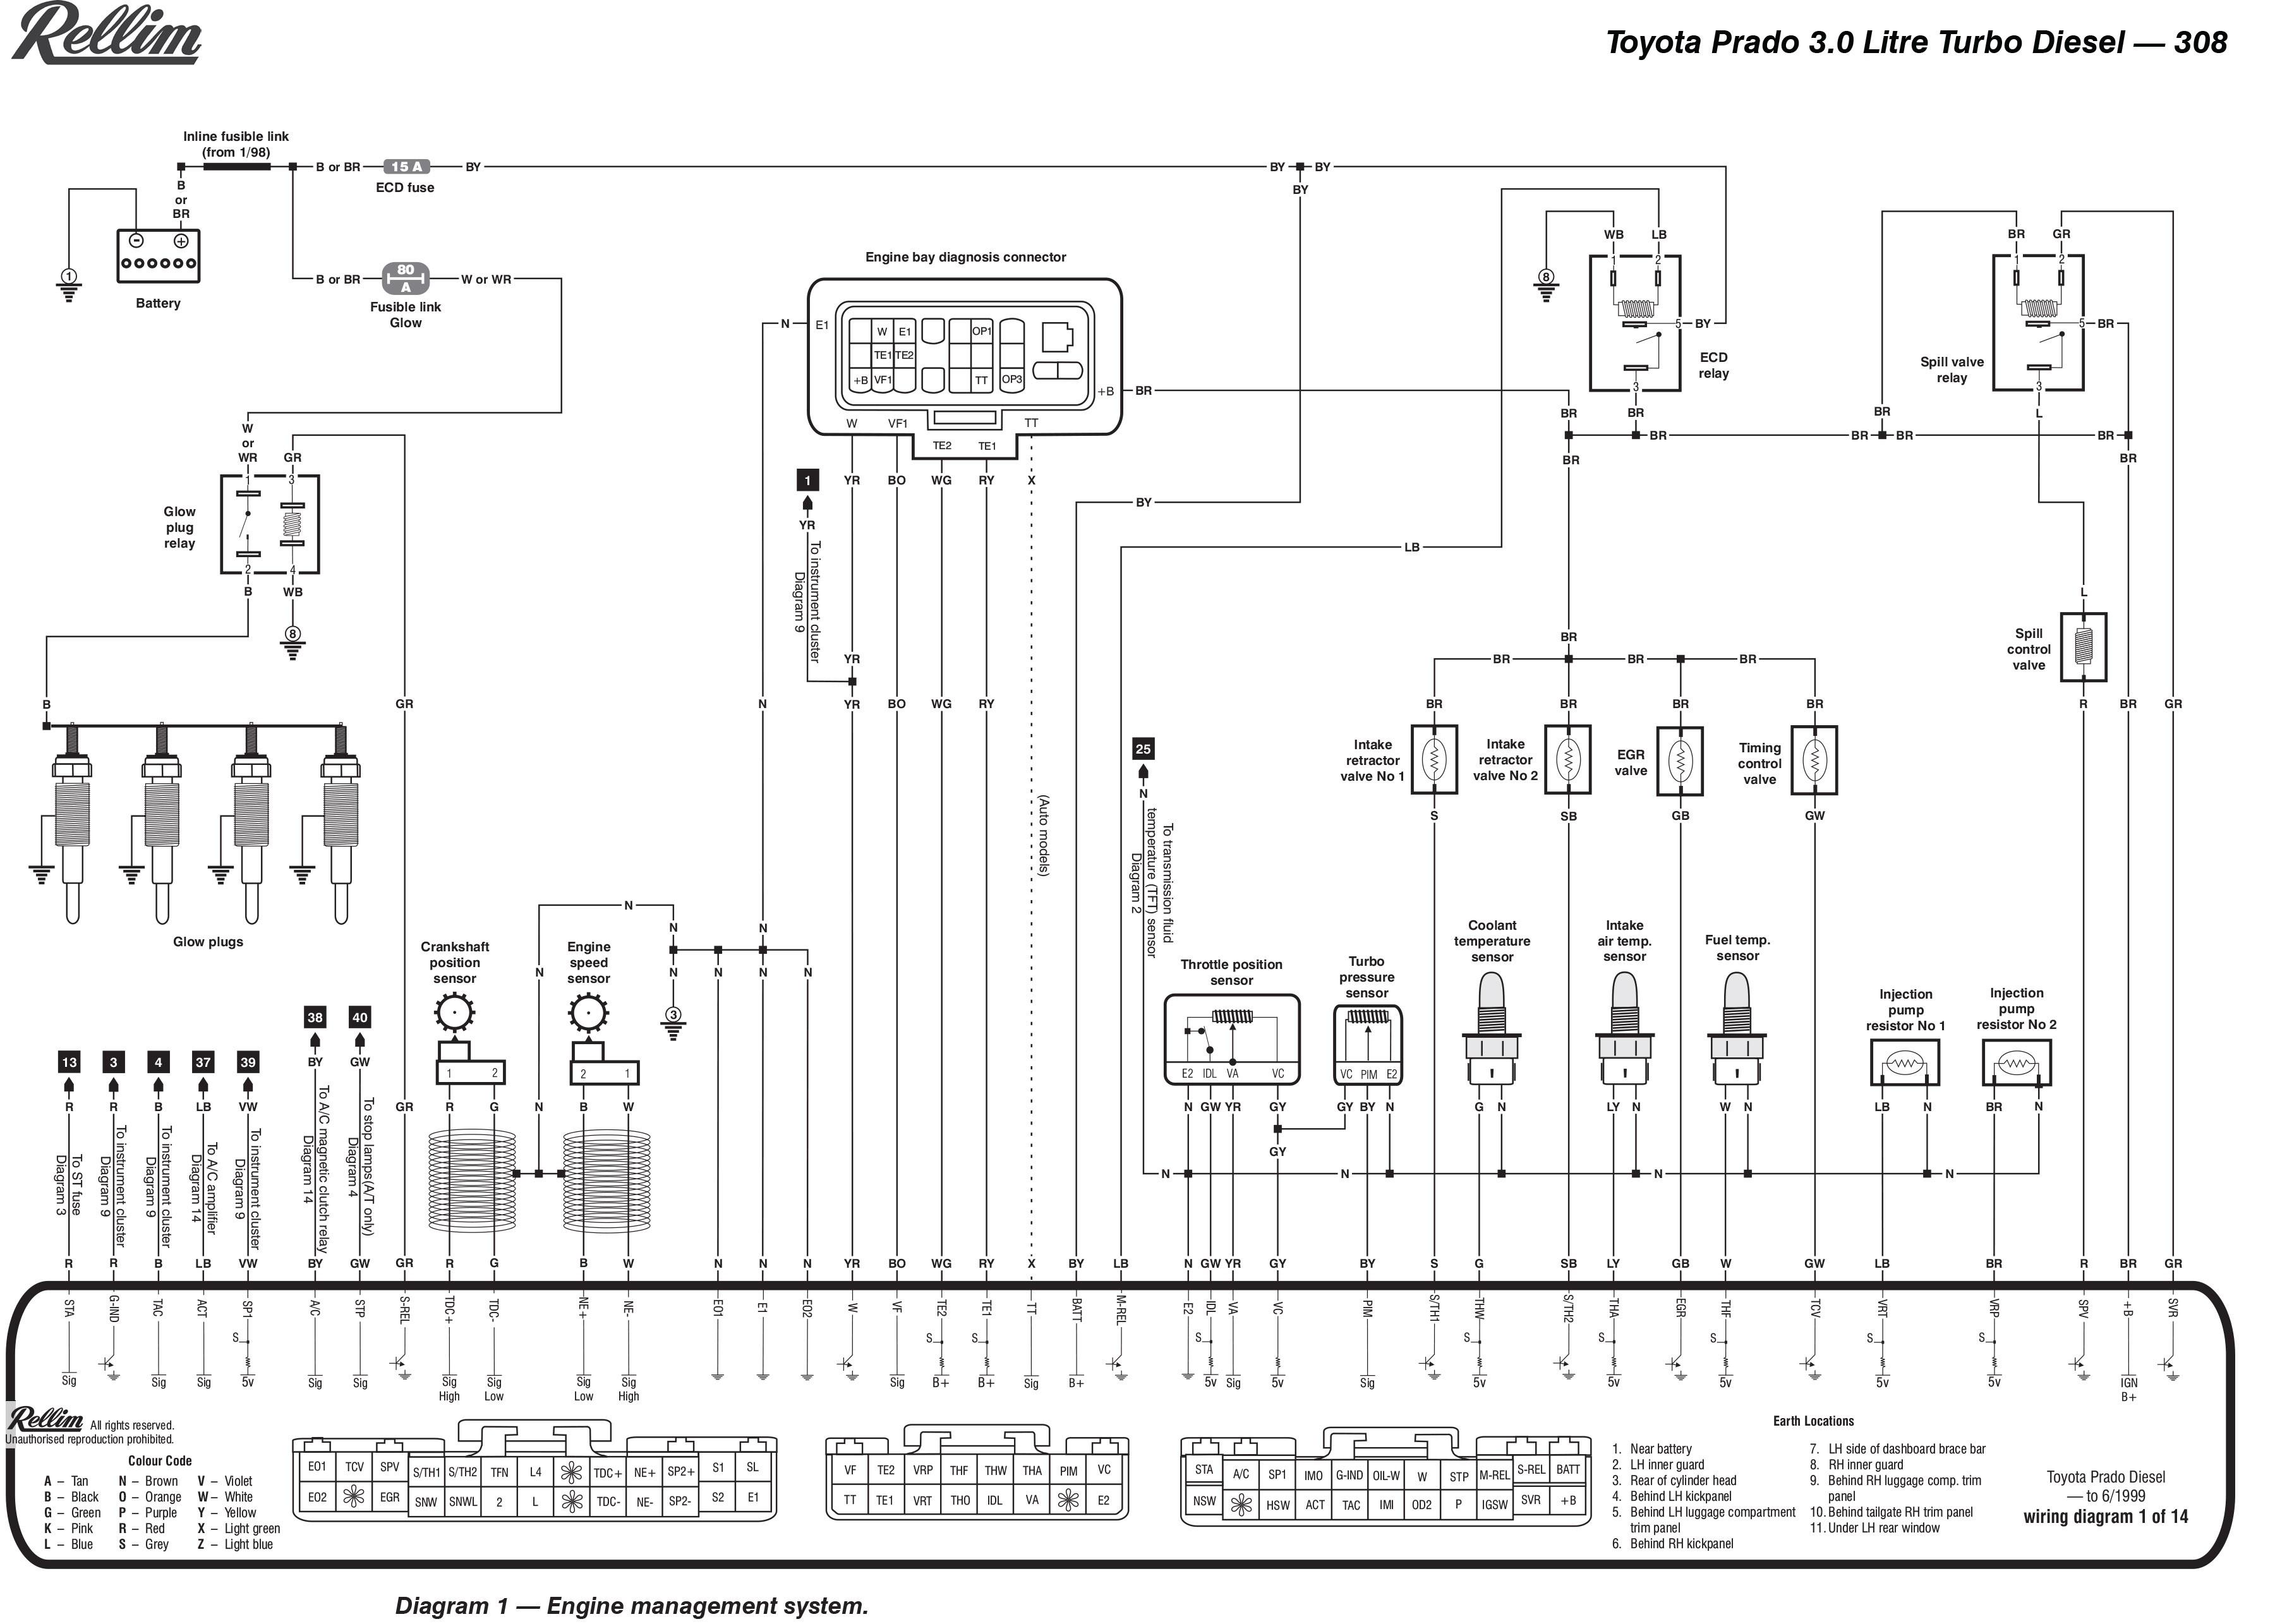 2 Cylinder Deere Wiring Diagram] ford Ka Haynes Wiring Diagram Full Version Hd